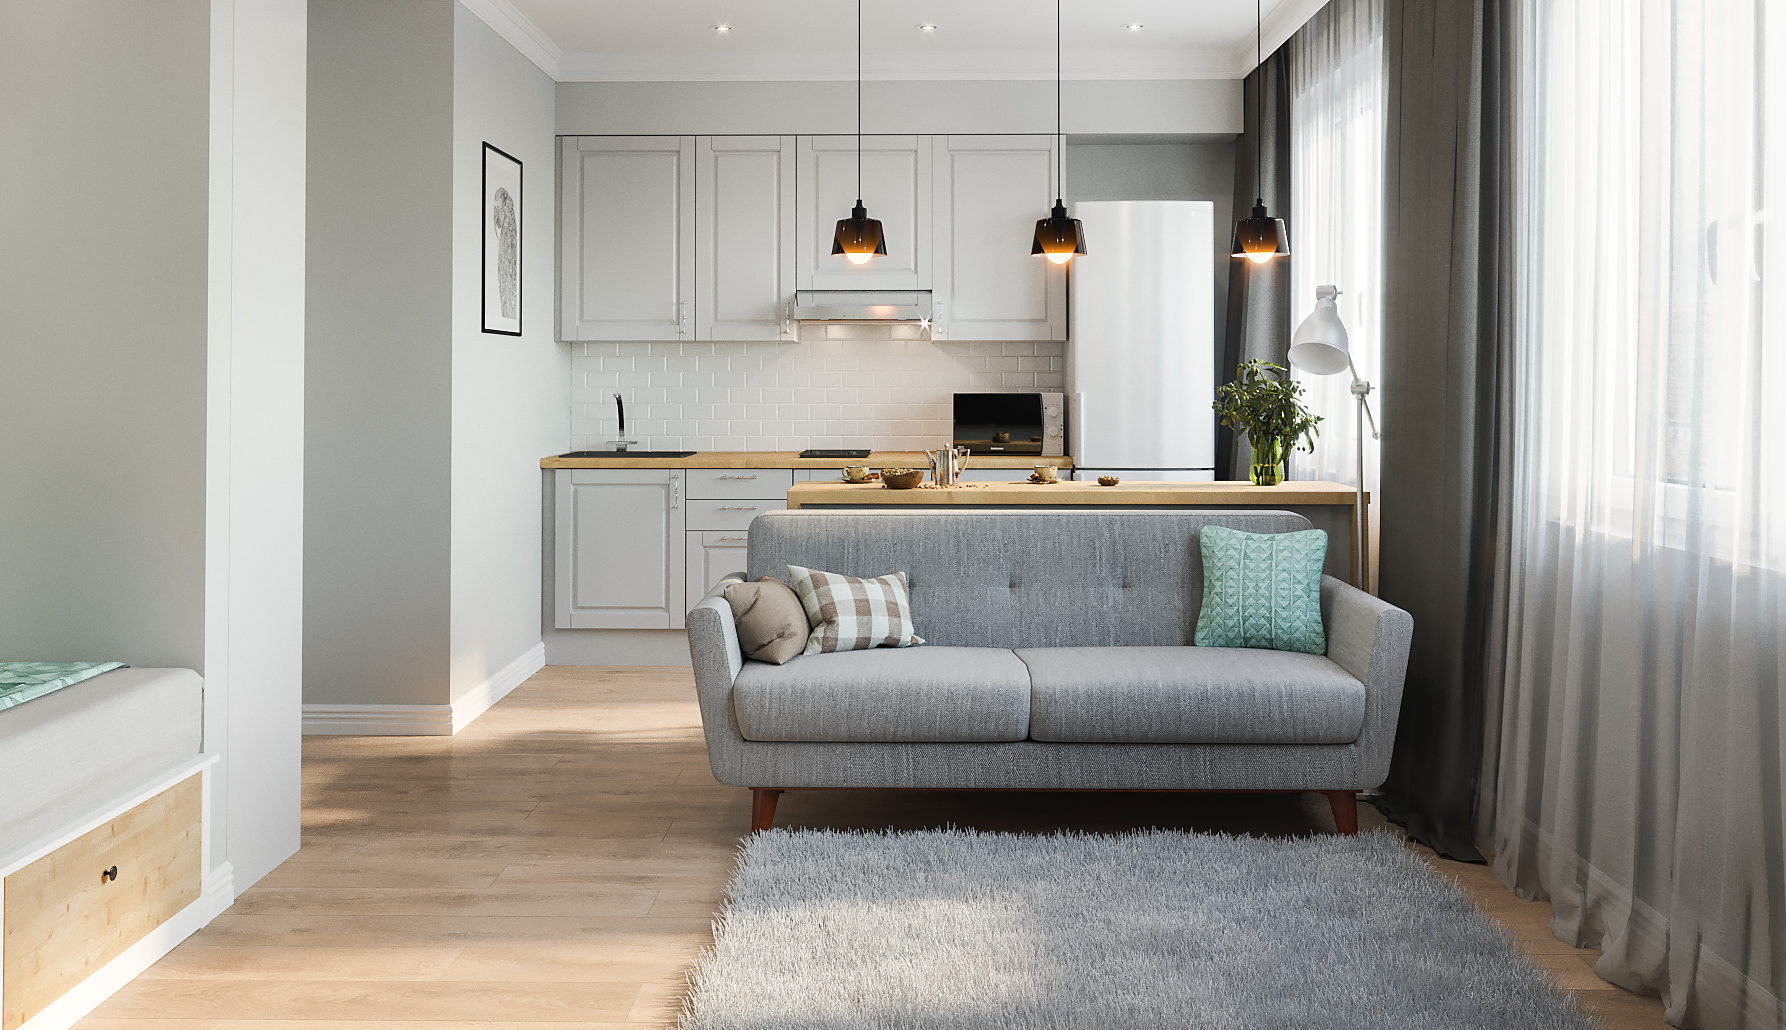 Как совместить спальню и гостиную в однокомнатной квартире